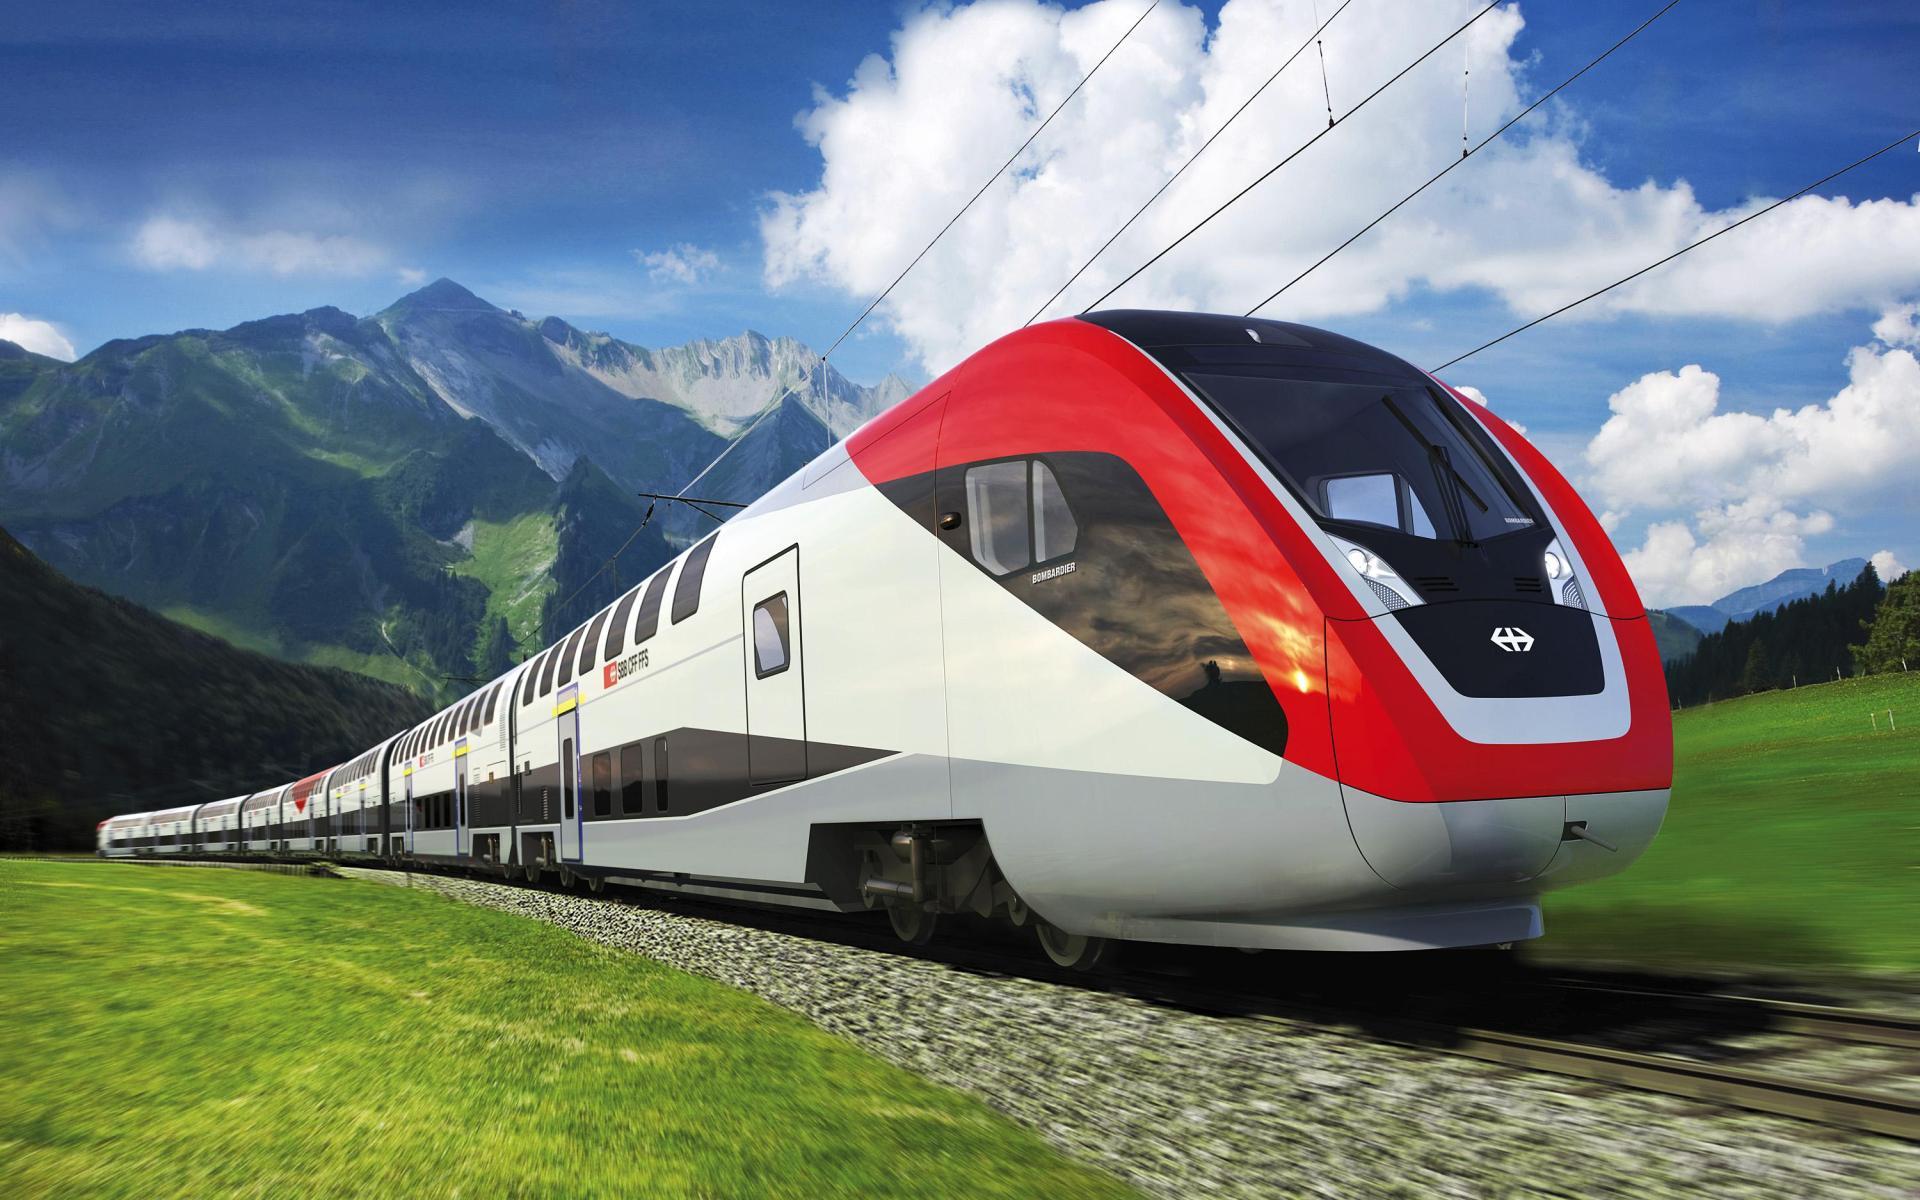 Картинка поезда с вагонами